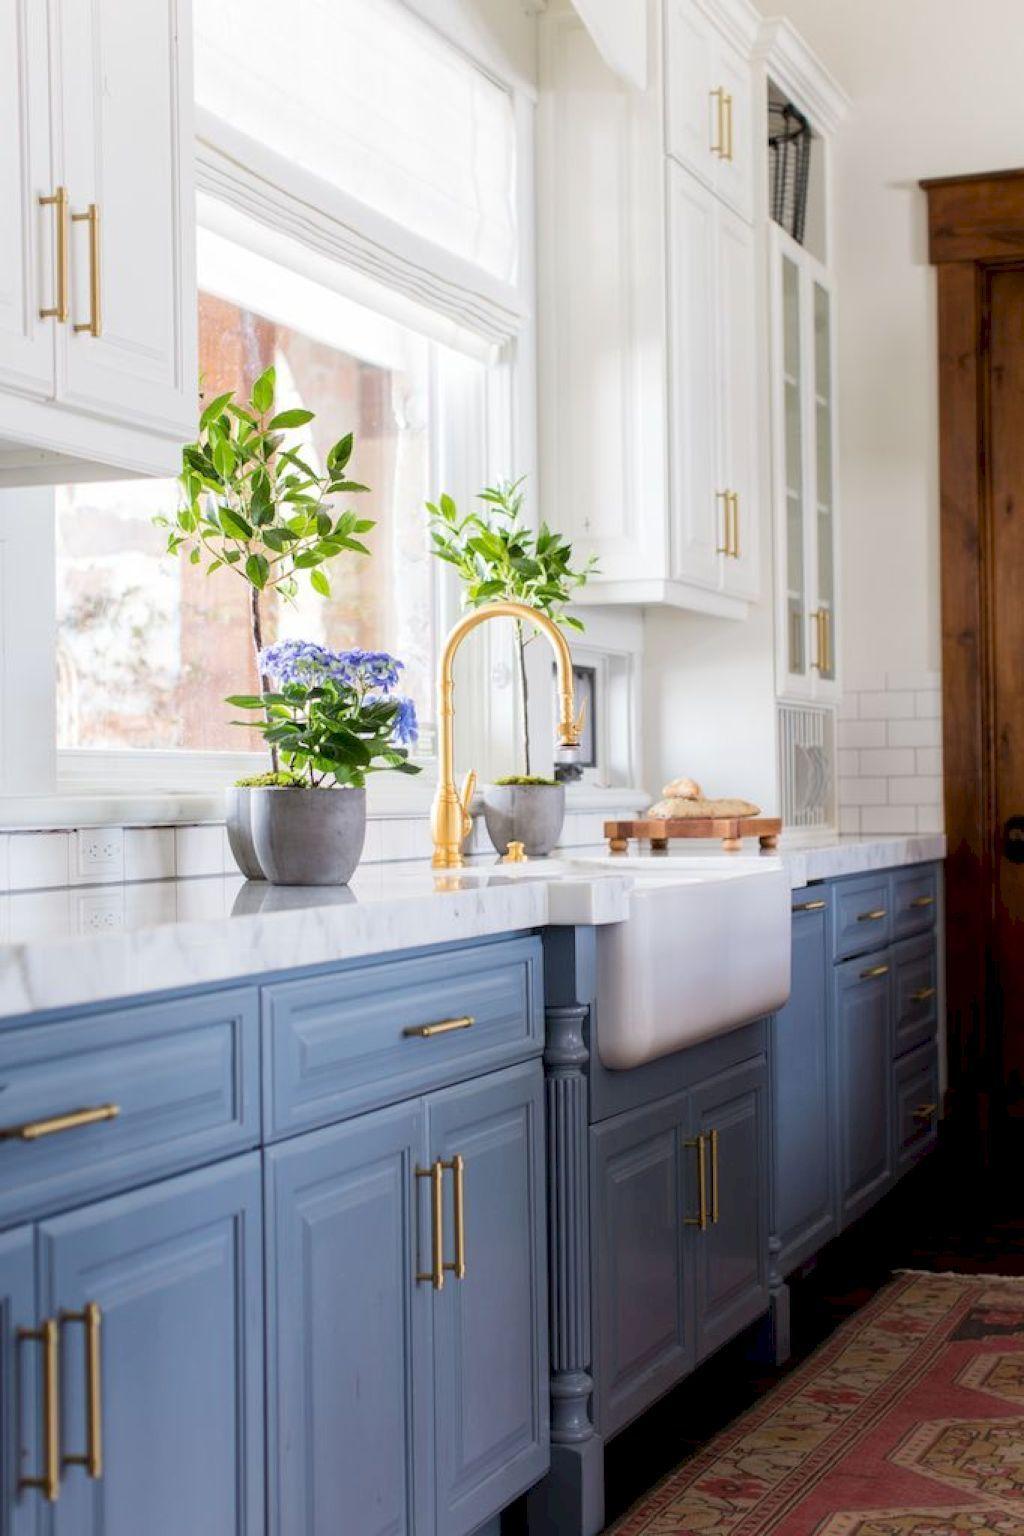 01 Gorgeous Modern Farmhouse Kitchen Cabinets Decor Ideas